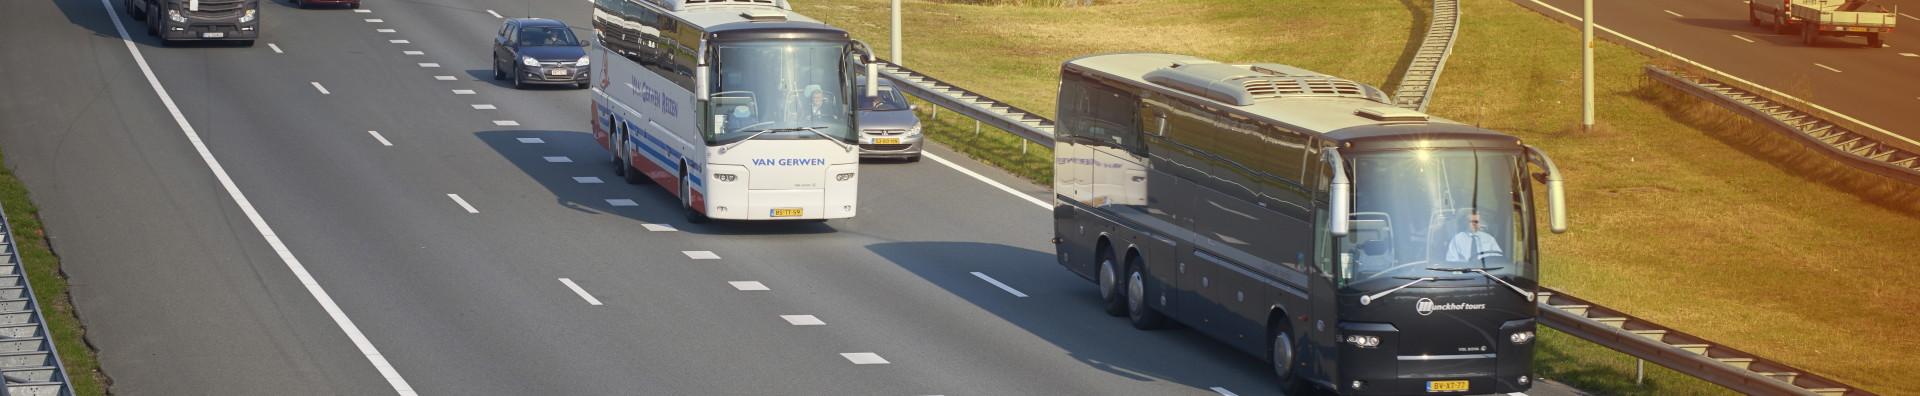 Organisatie VanGerwenMunckhof tours